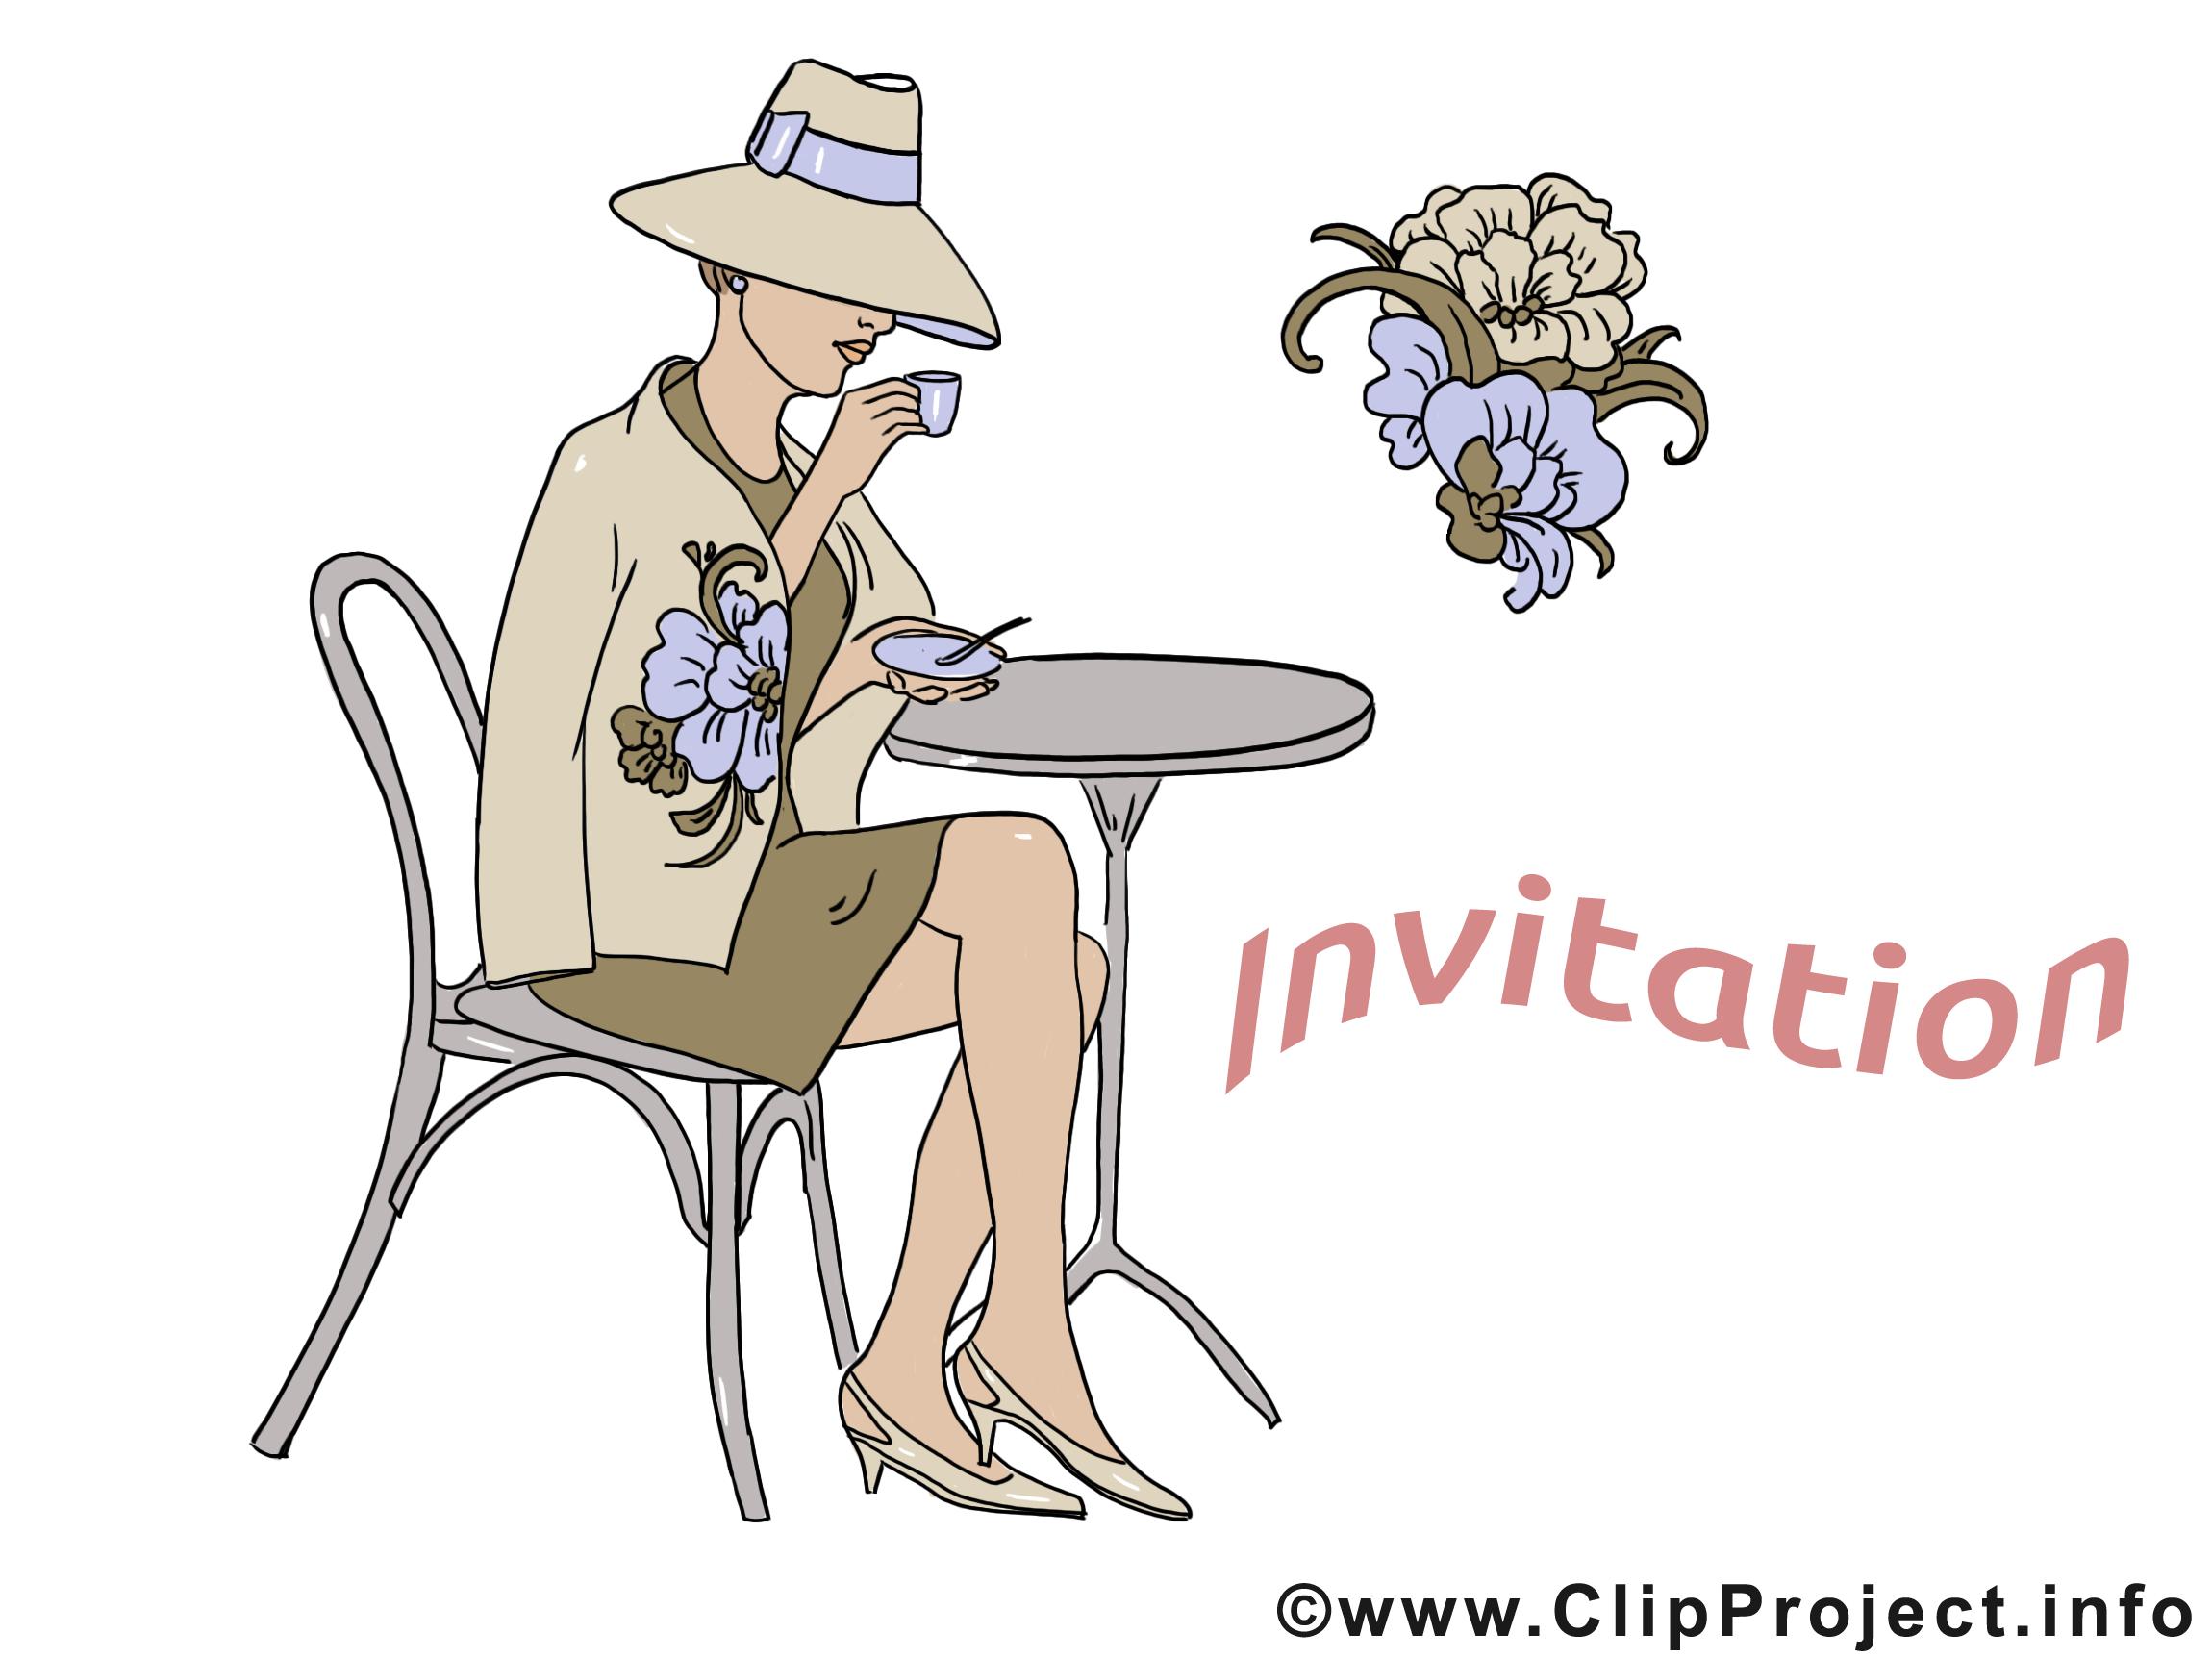 Femme dessin invitation clip arts gratuits invitations dessin picture image graphic clip - Dessin invitation ...